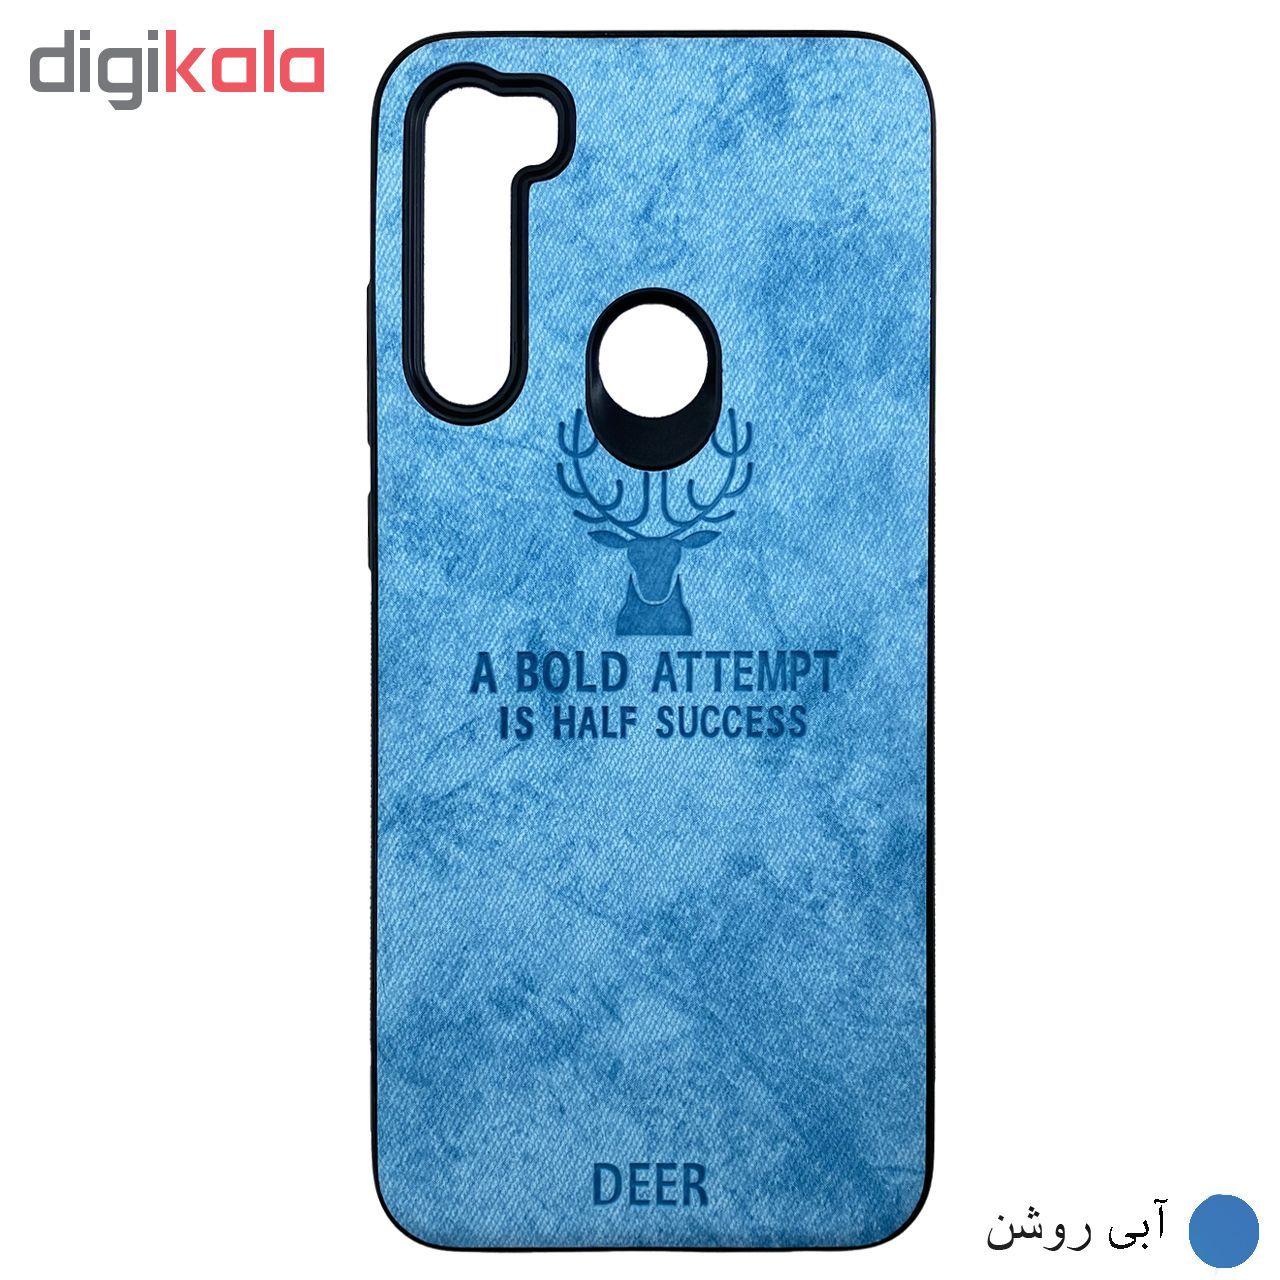 کاور مدل DER20 مناسب برای گوشی موبایل شیائومی Redmi Note 8 main 1 9